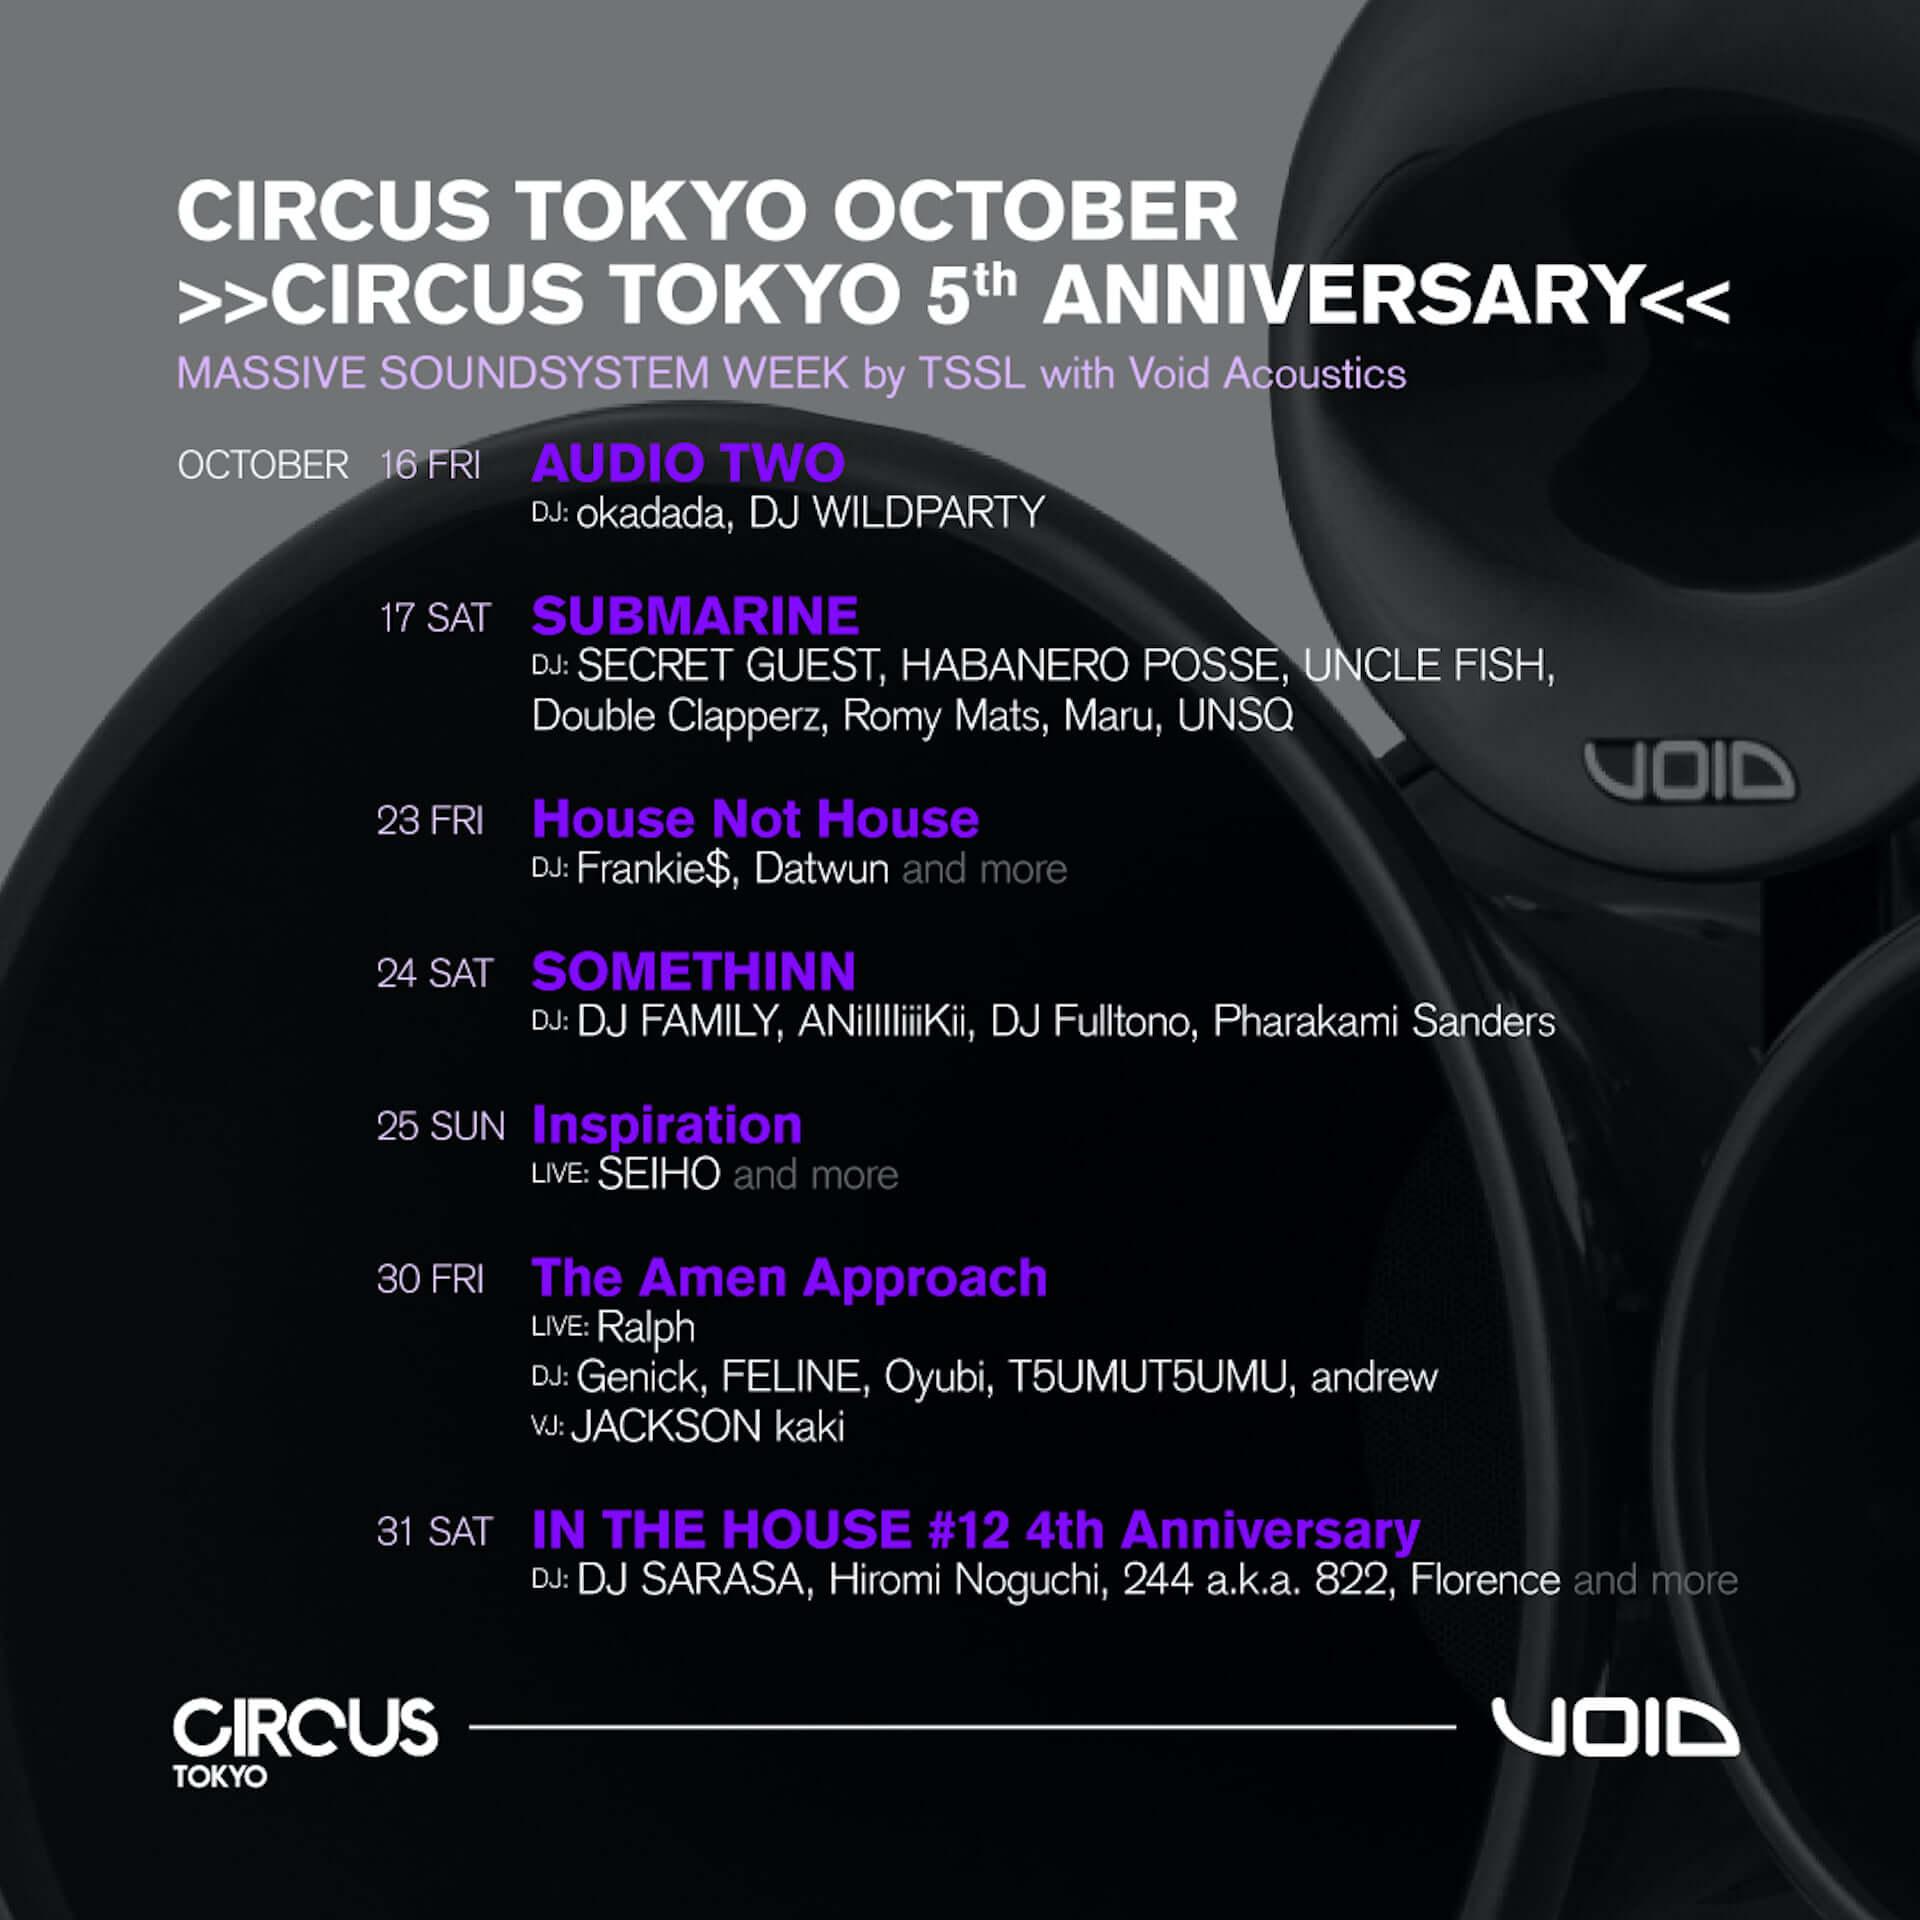 ストリートなイベント【東京】CIRCUS TOKYO 5周年パーティーシリーズ 期間限定で世界最先端のサウンドシステム「VOID acoustics」を導入!